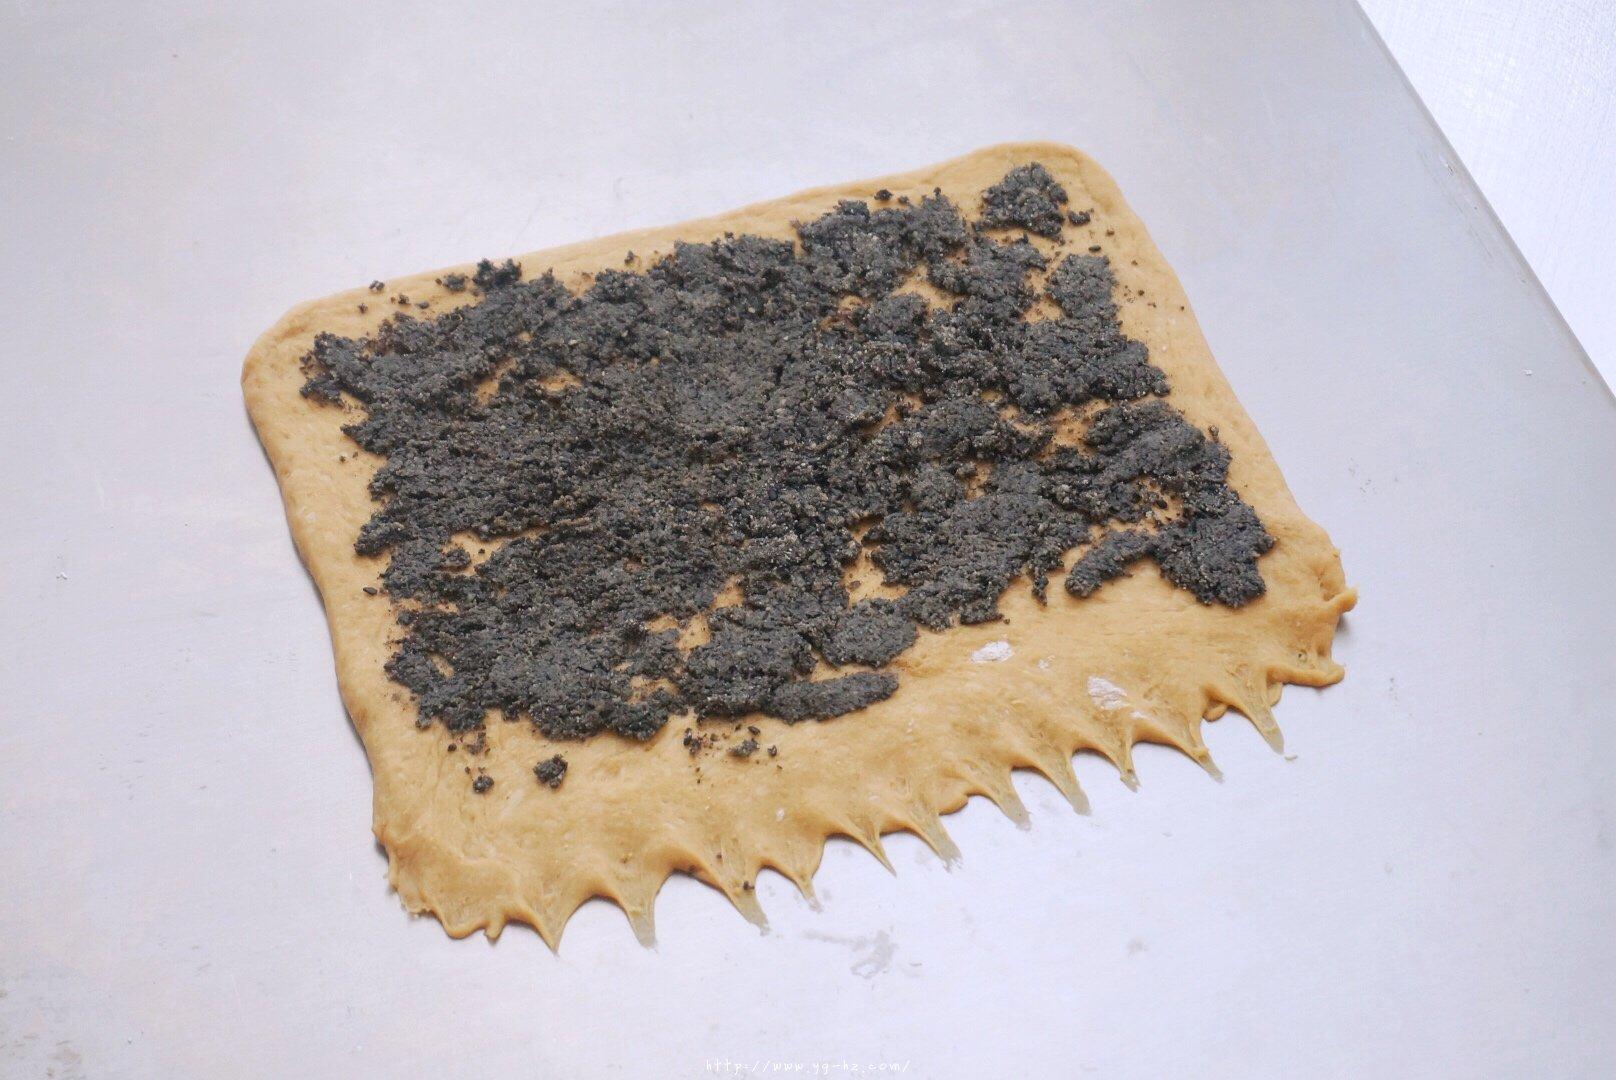 养生黑芝麻红糖全麦fafa软欧面包(波兰种)的做法 步骤13